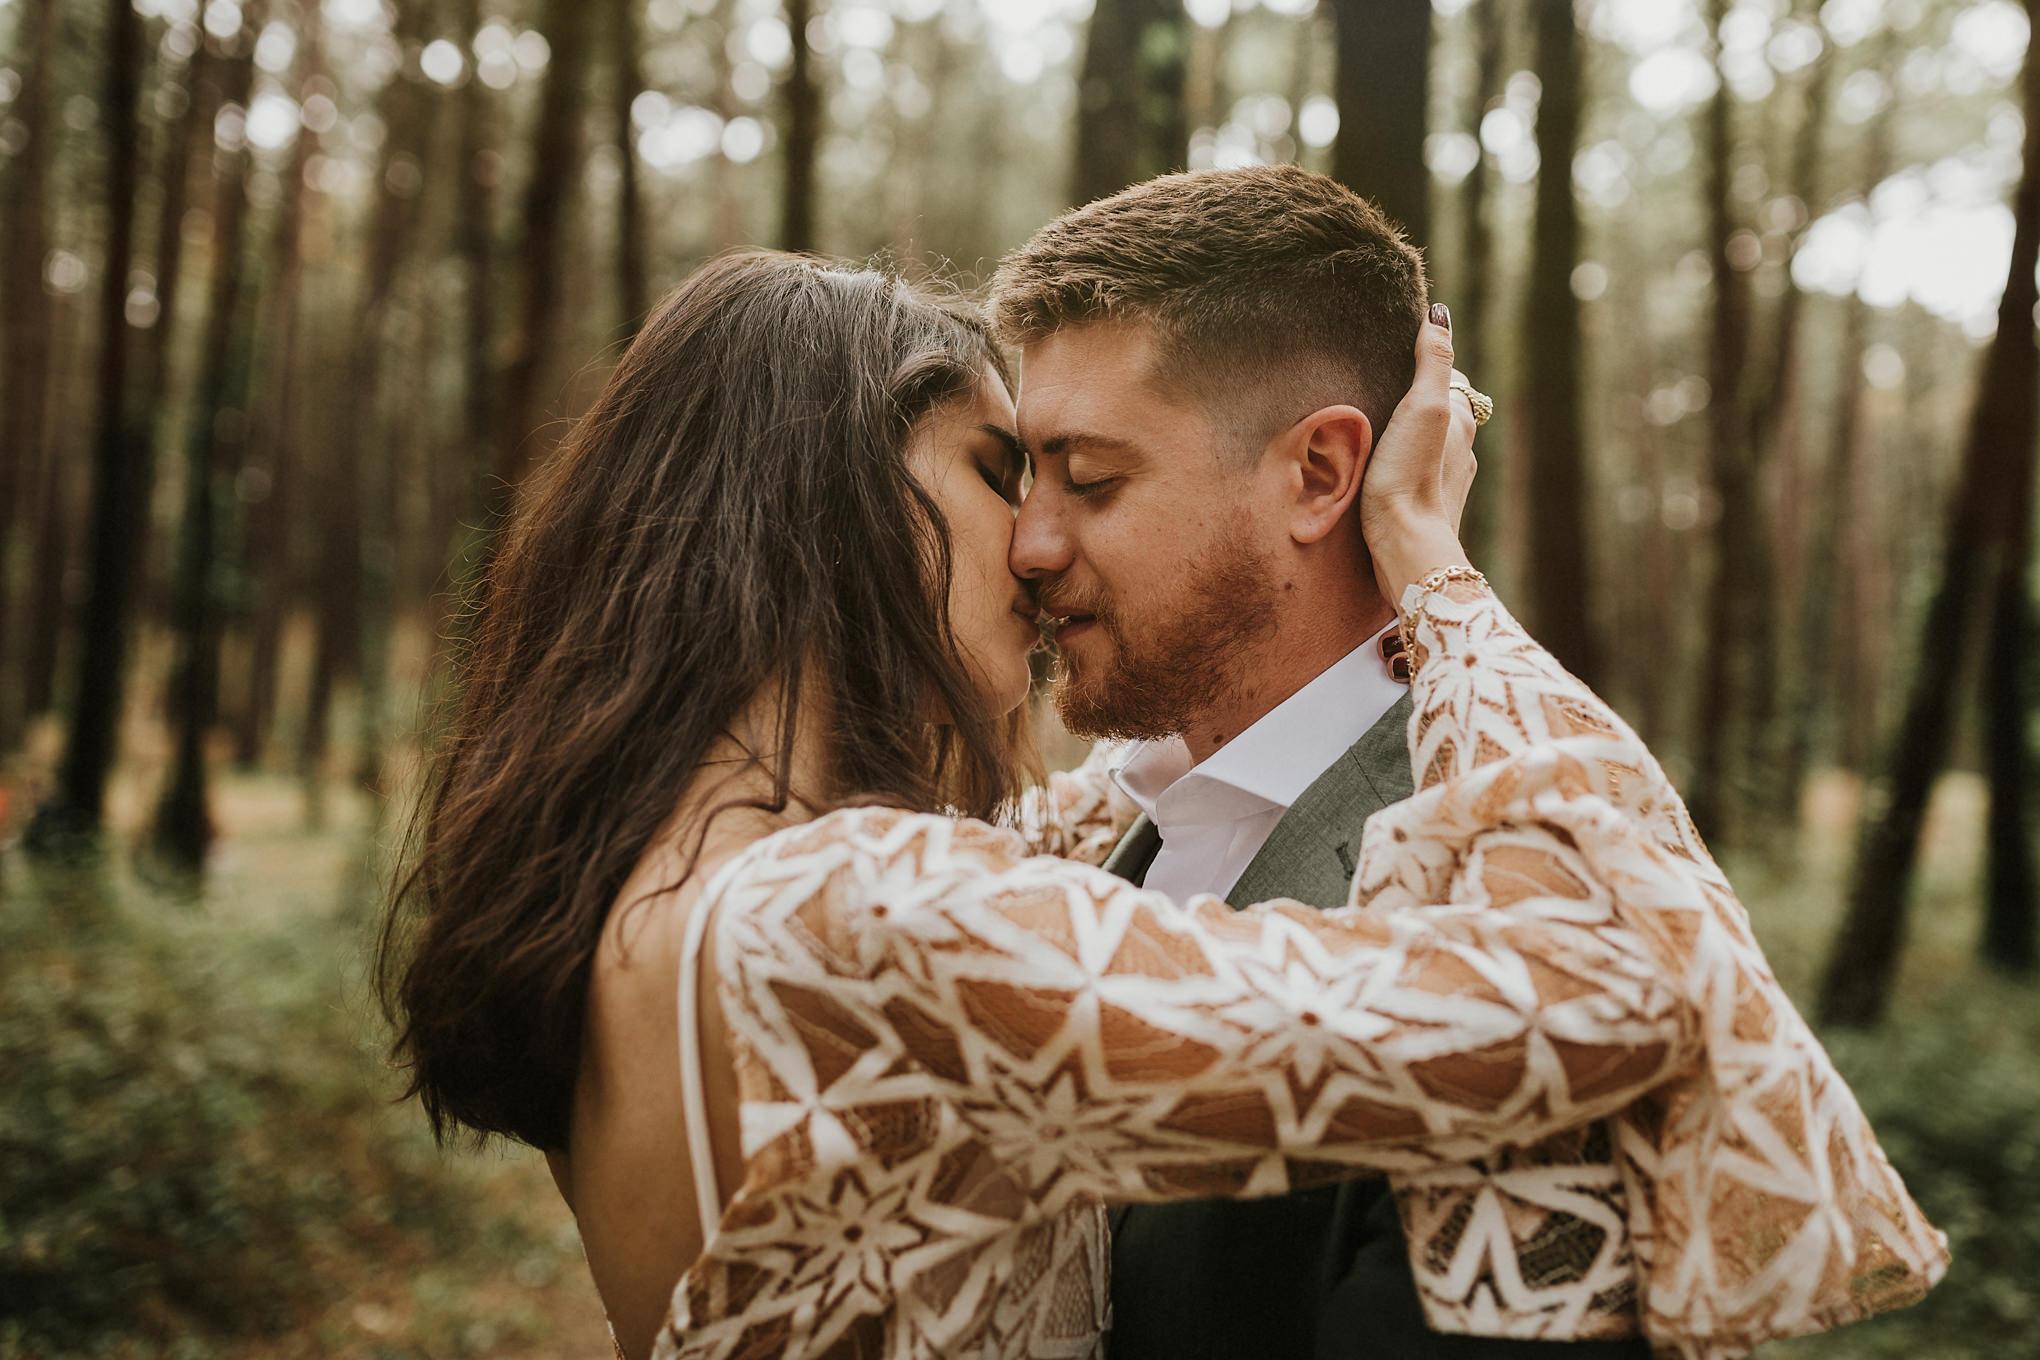 fotografo-bodas-zaragoza-santander-001.jpg